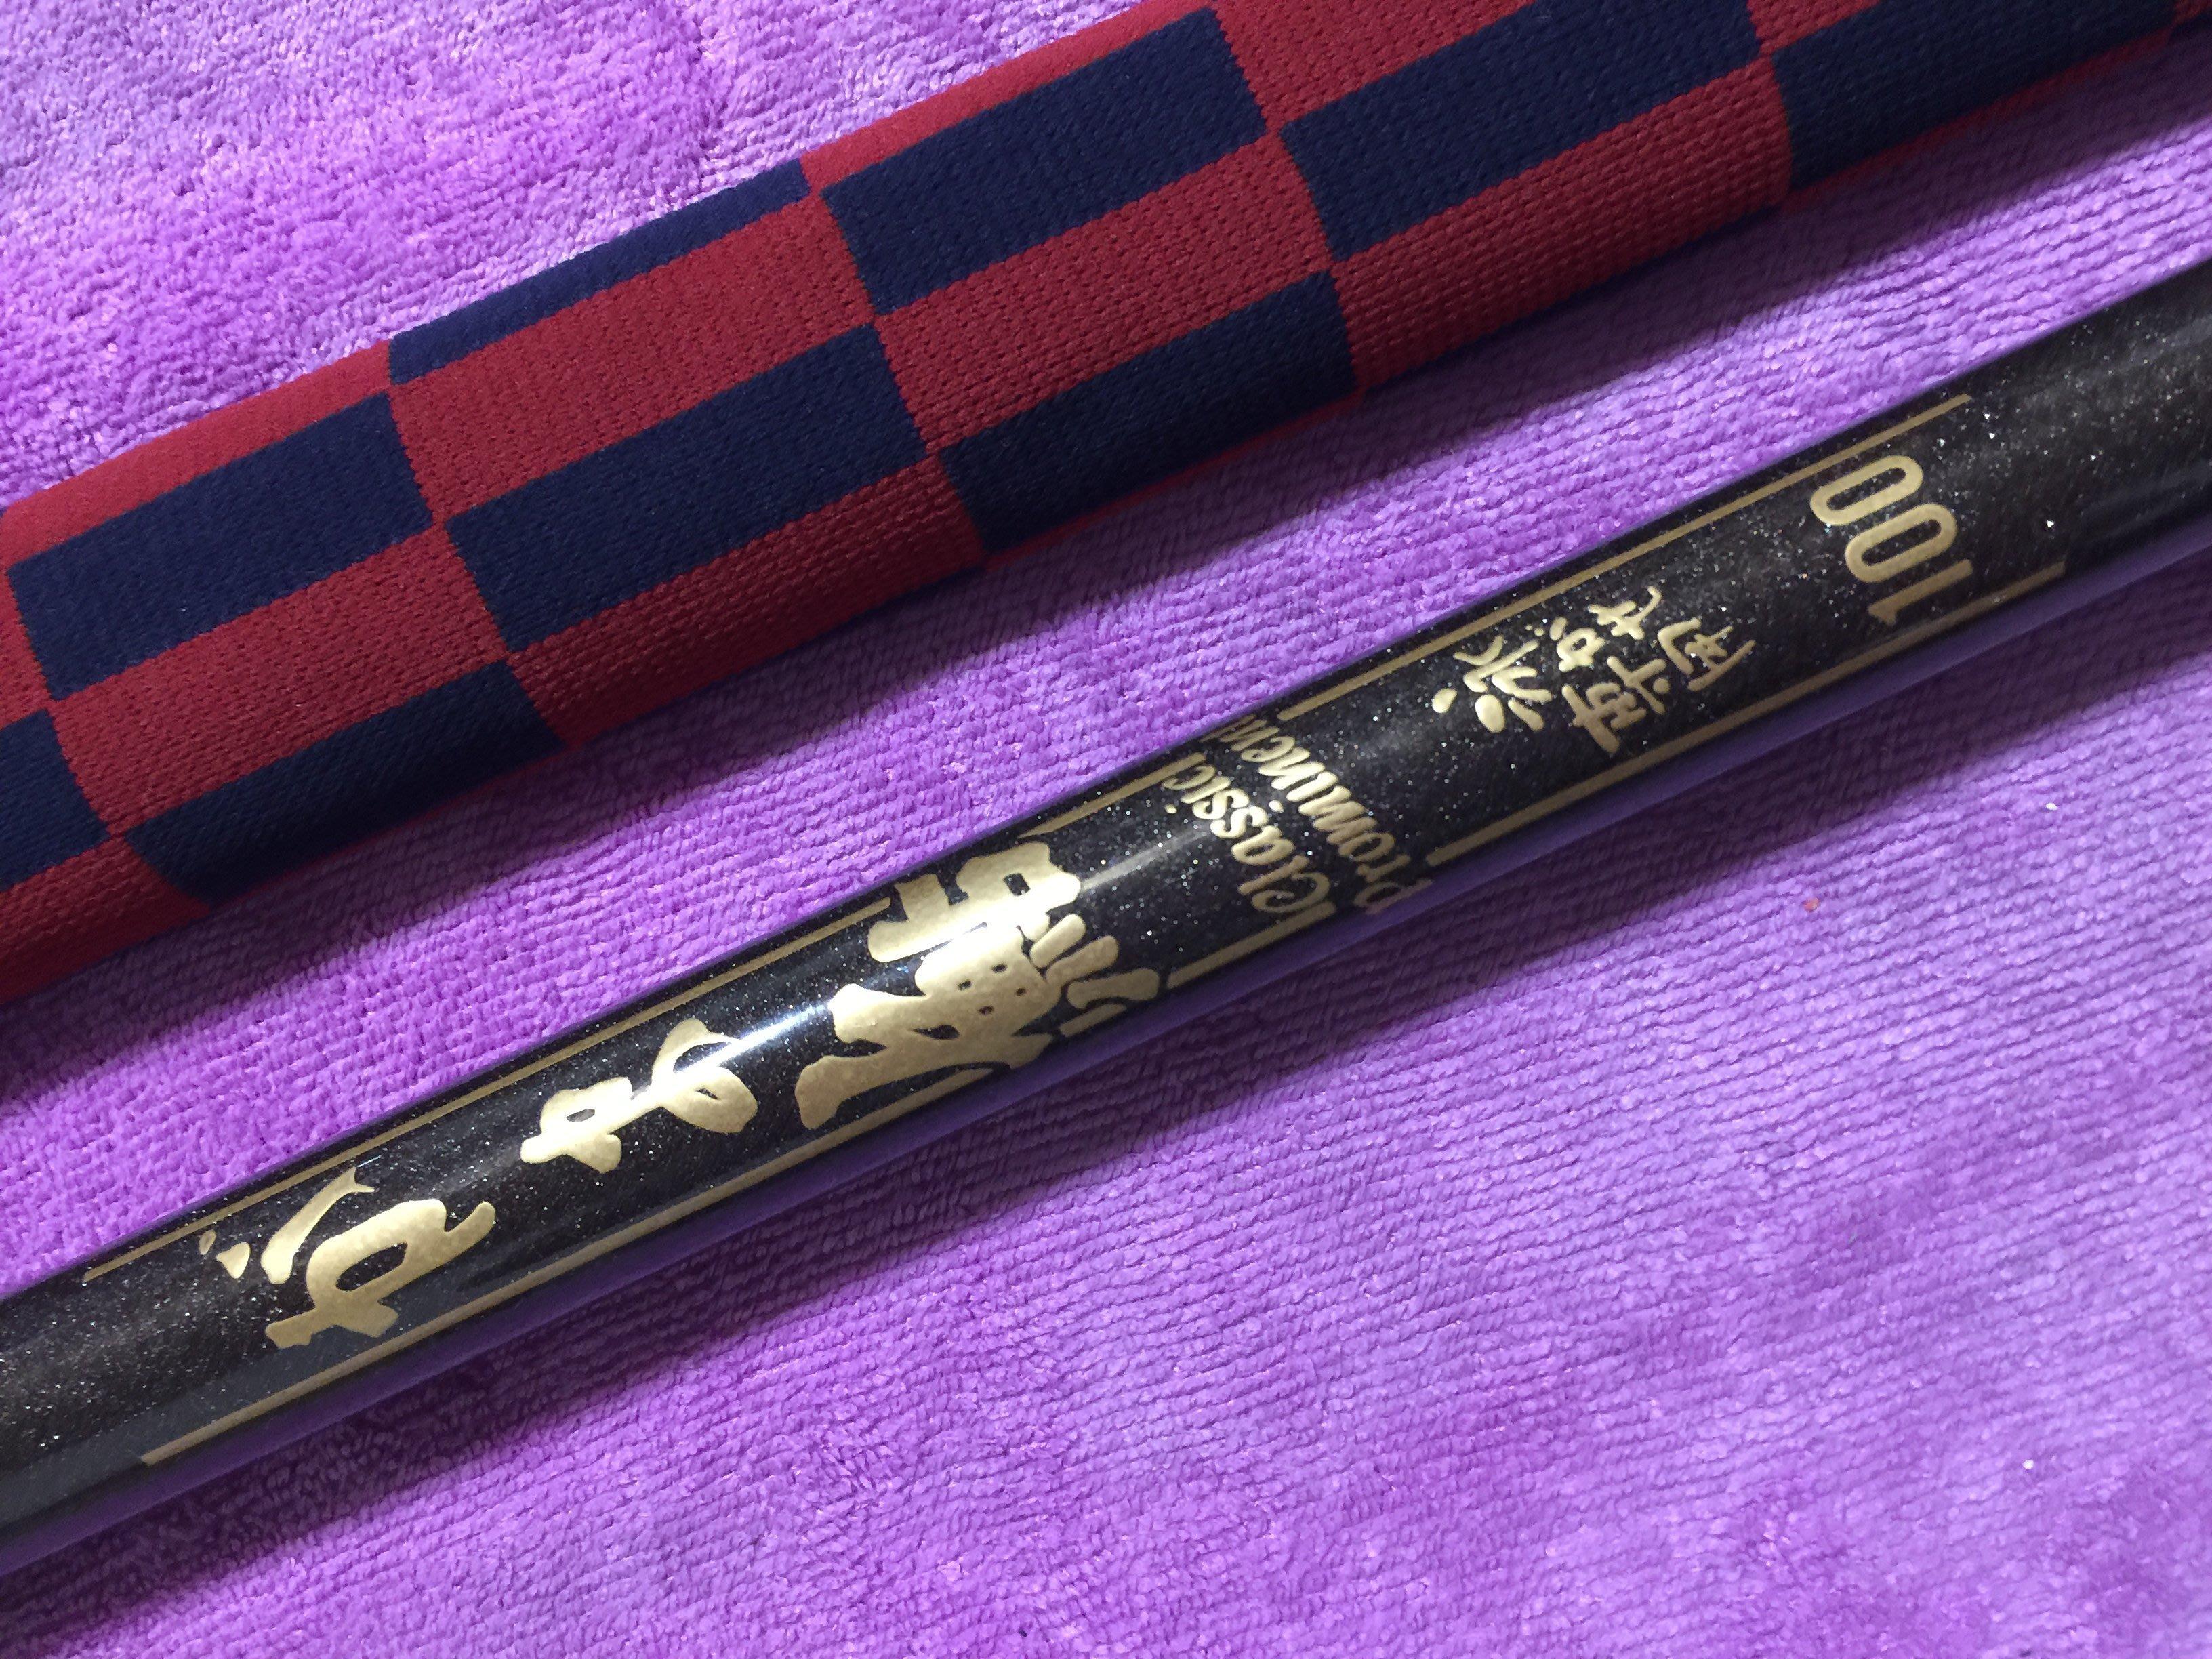 日本製 GAMAKATSU がま鮎 ClassicProminent 泳がせ専用100 三十三尺 香魚竿 本流竿 可刷卡